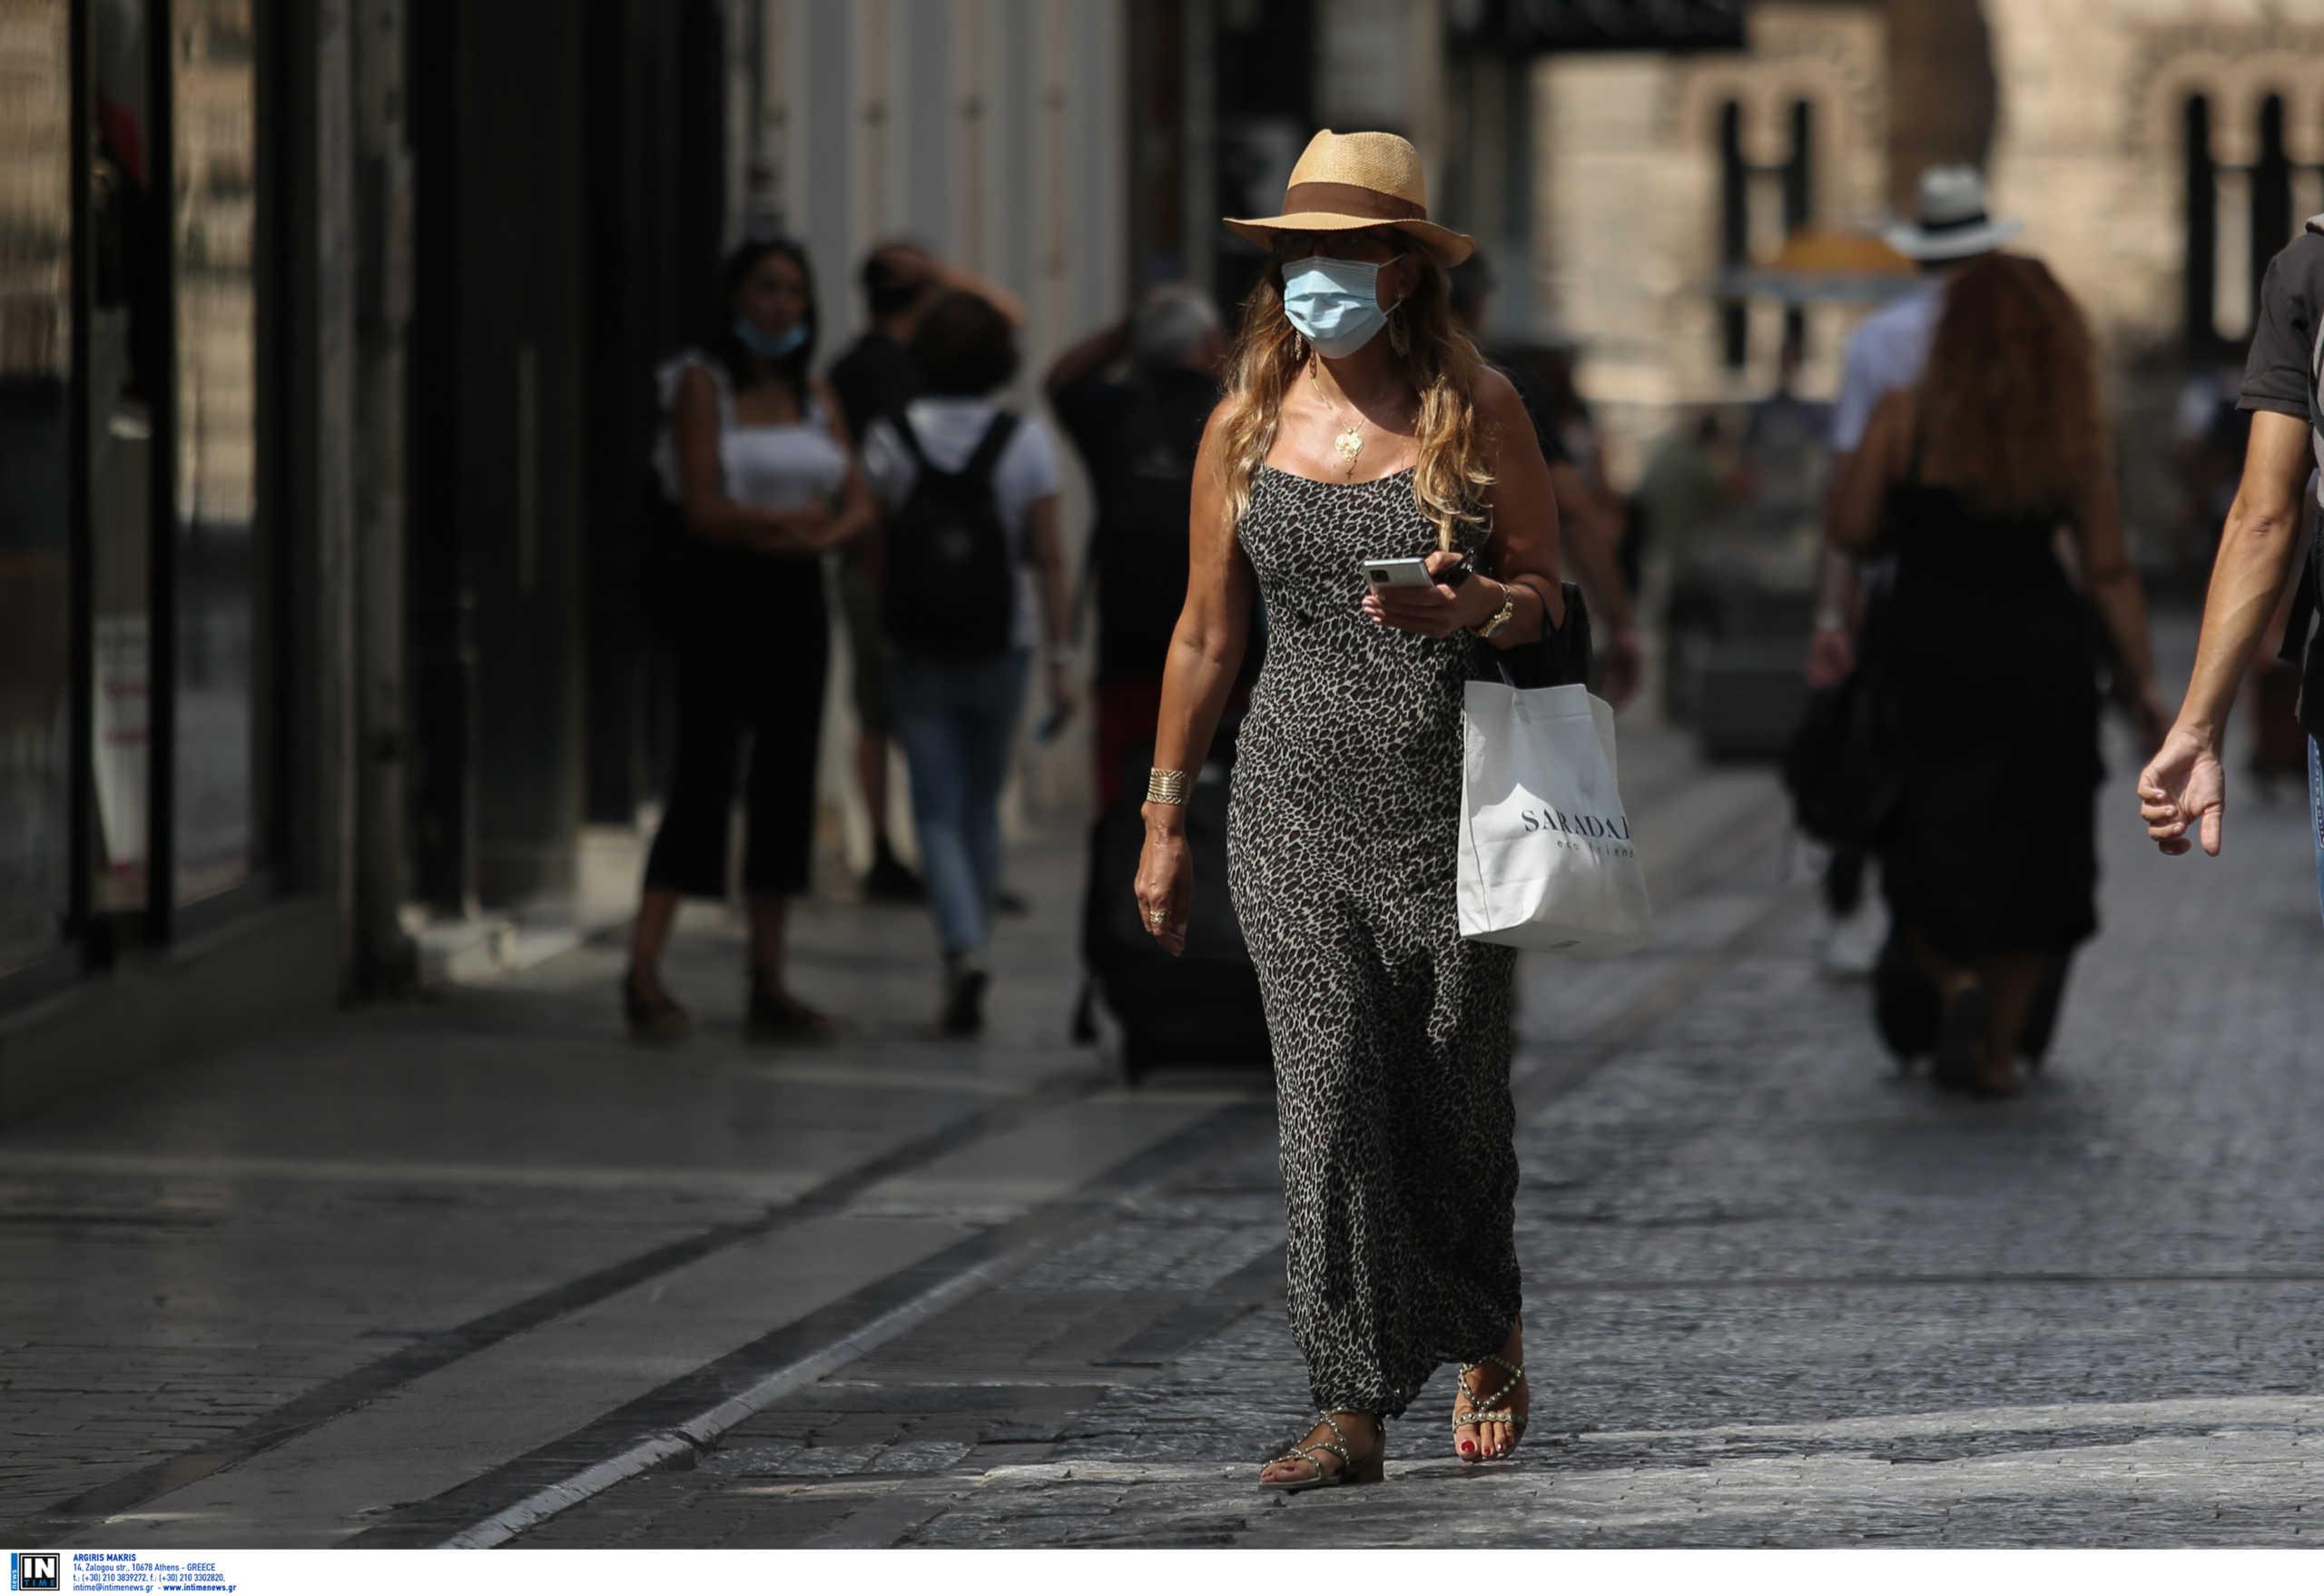 Βατόπουλος: Αν πετύχουν τα μέτρα για τον κορονοϊό θα περιορίσουμε και την γρίπη